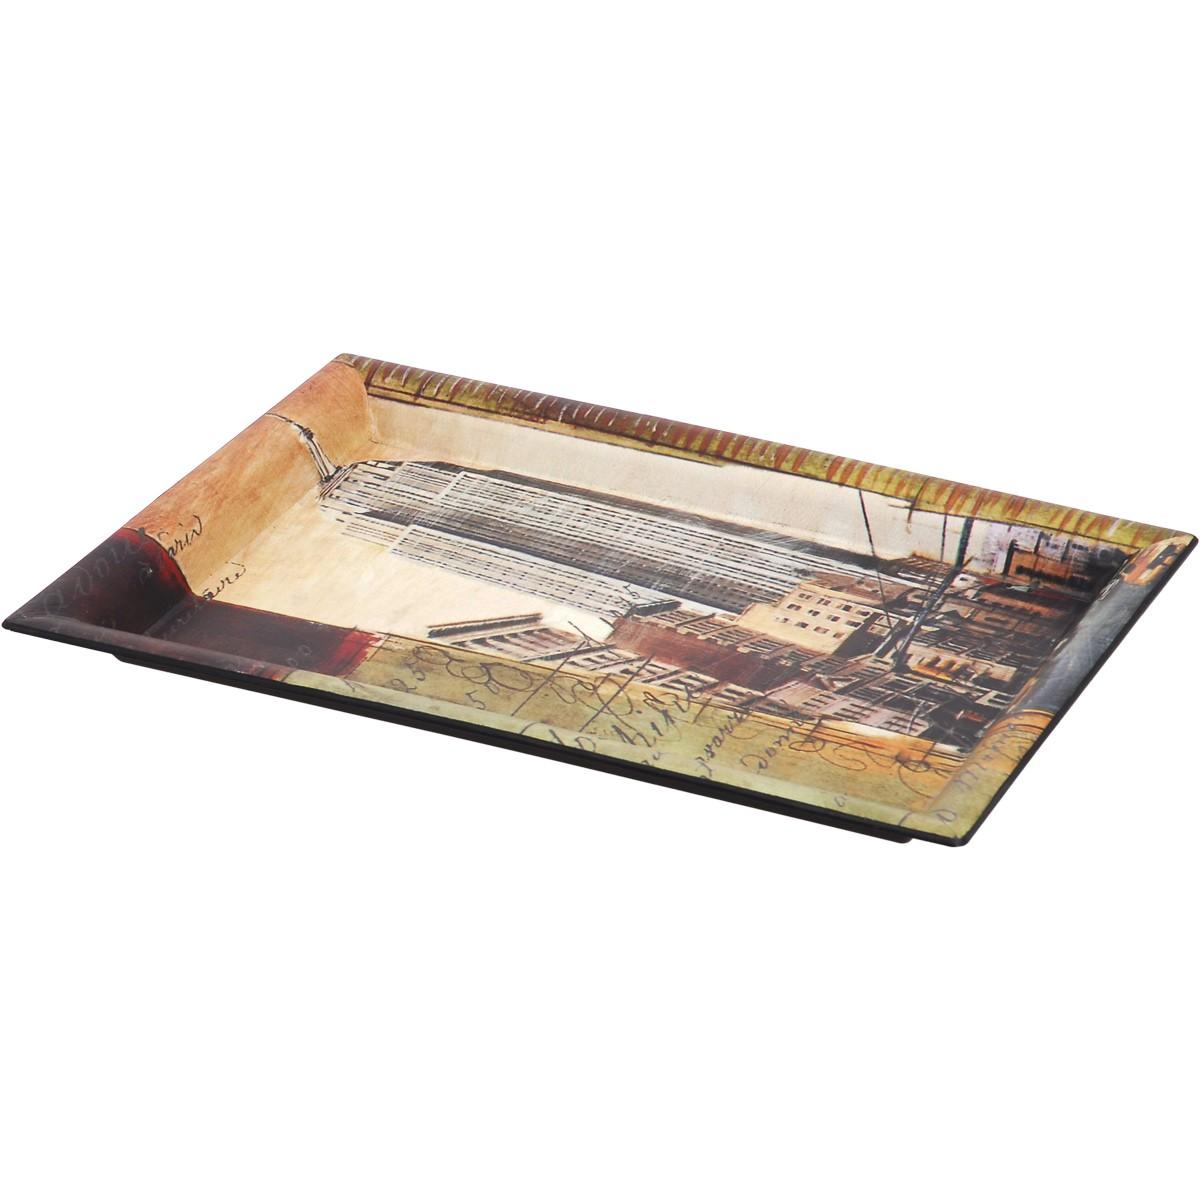 Δίσκος Σερβιρίσματος Home Design FXA6546B home   διακόσμηση   δίσκοι   πιατέλες